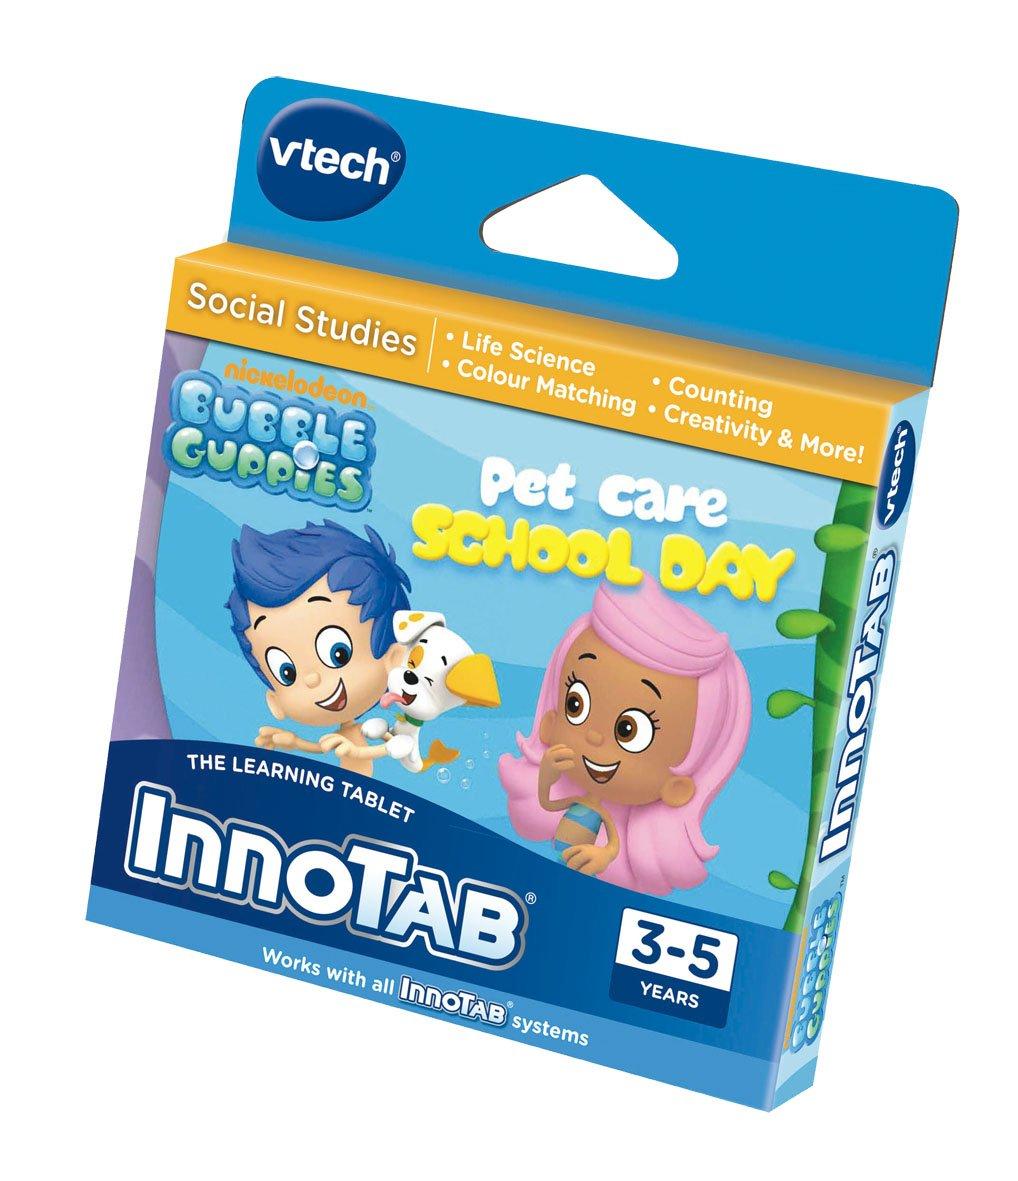 VTech InnoTab del programa: Bubble Guppies Día Escolar del cuidado de animales